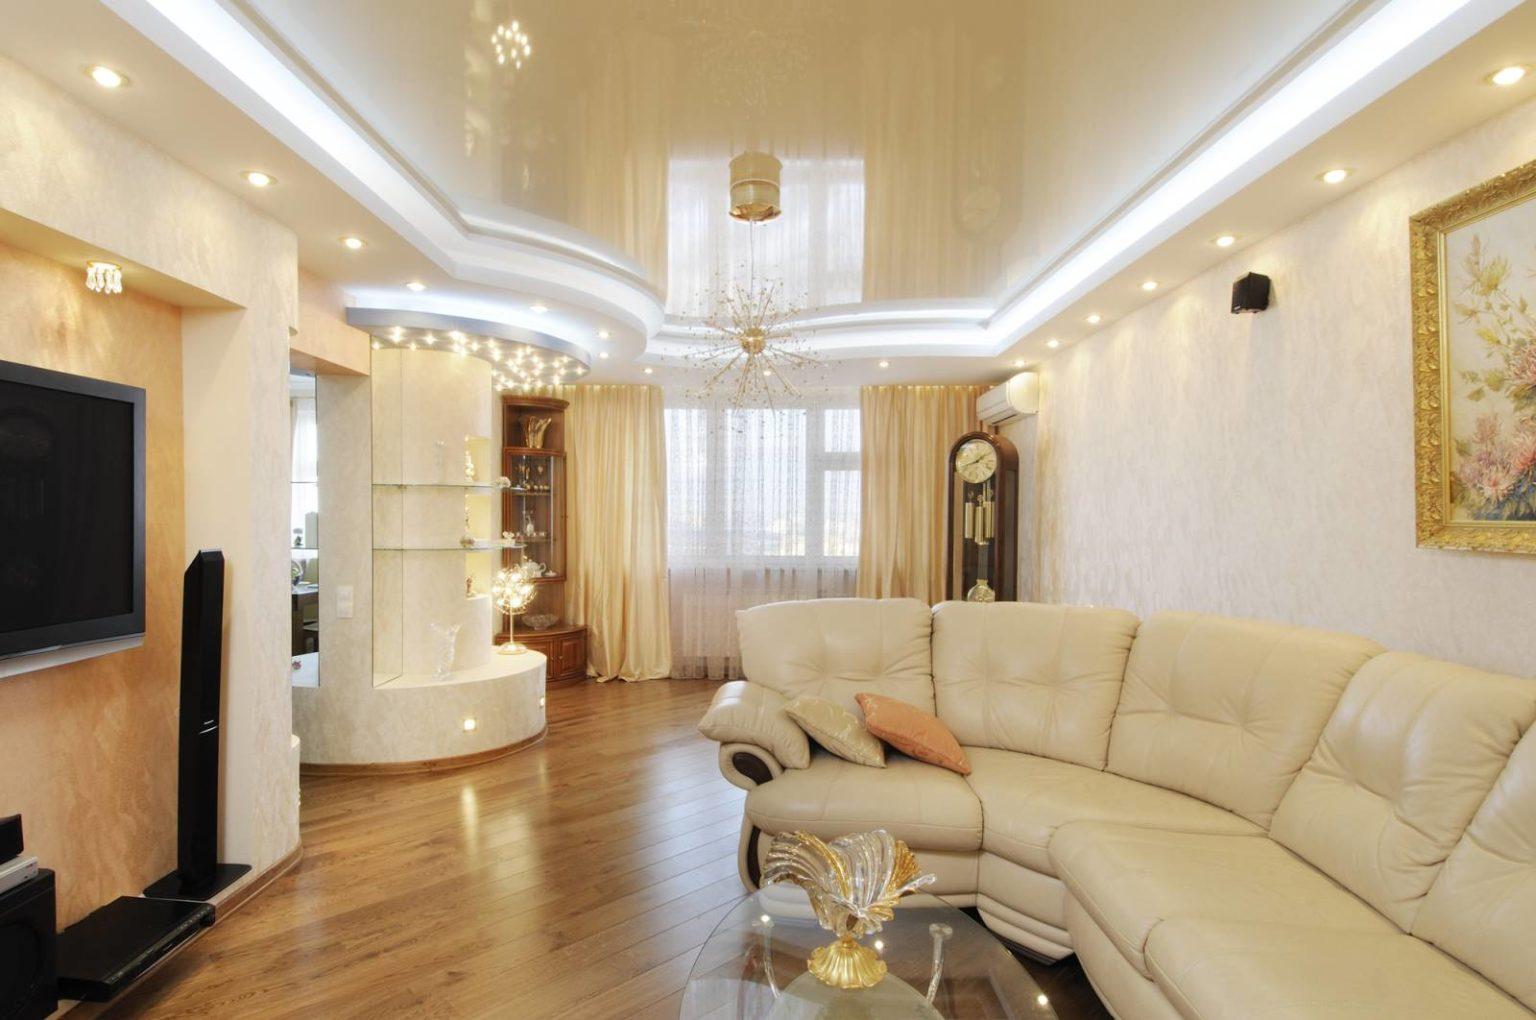 как выглядит евроремонт в домах фото фурнитура